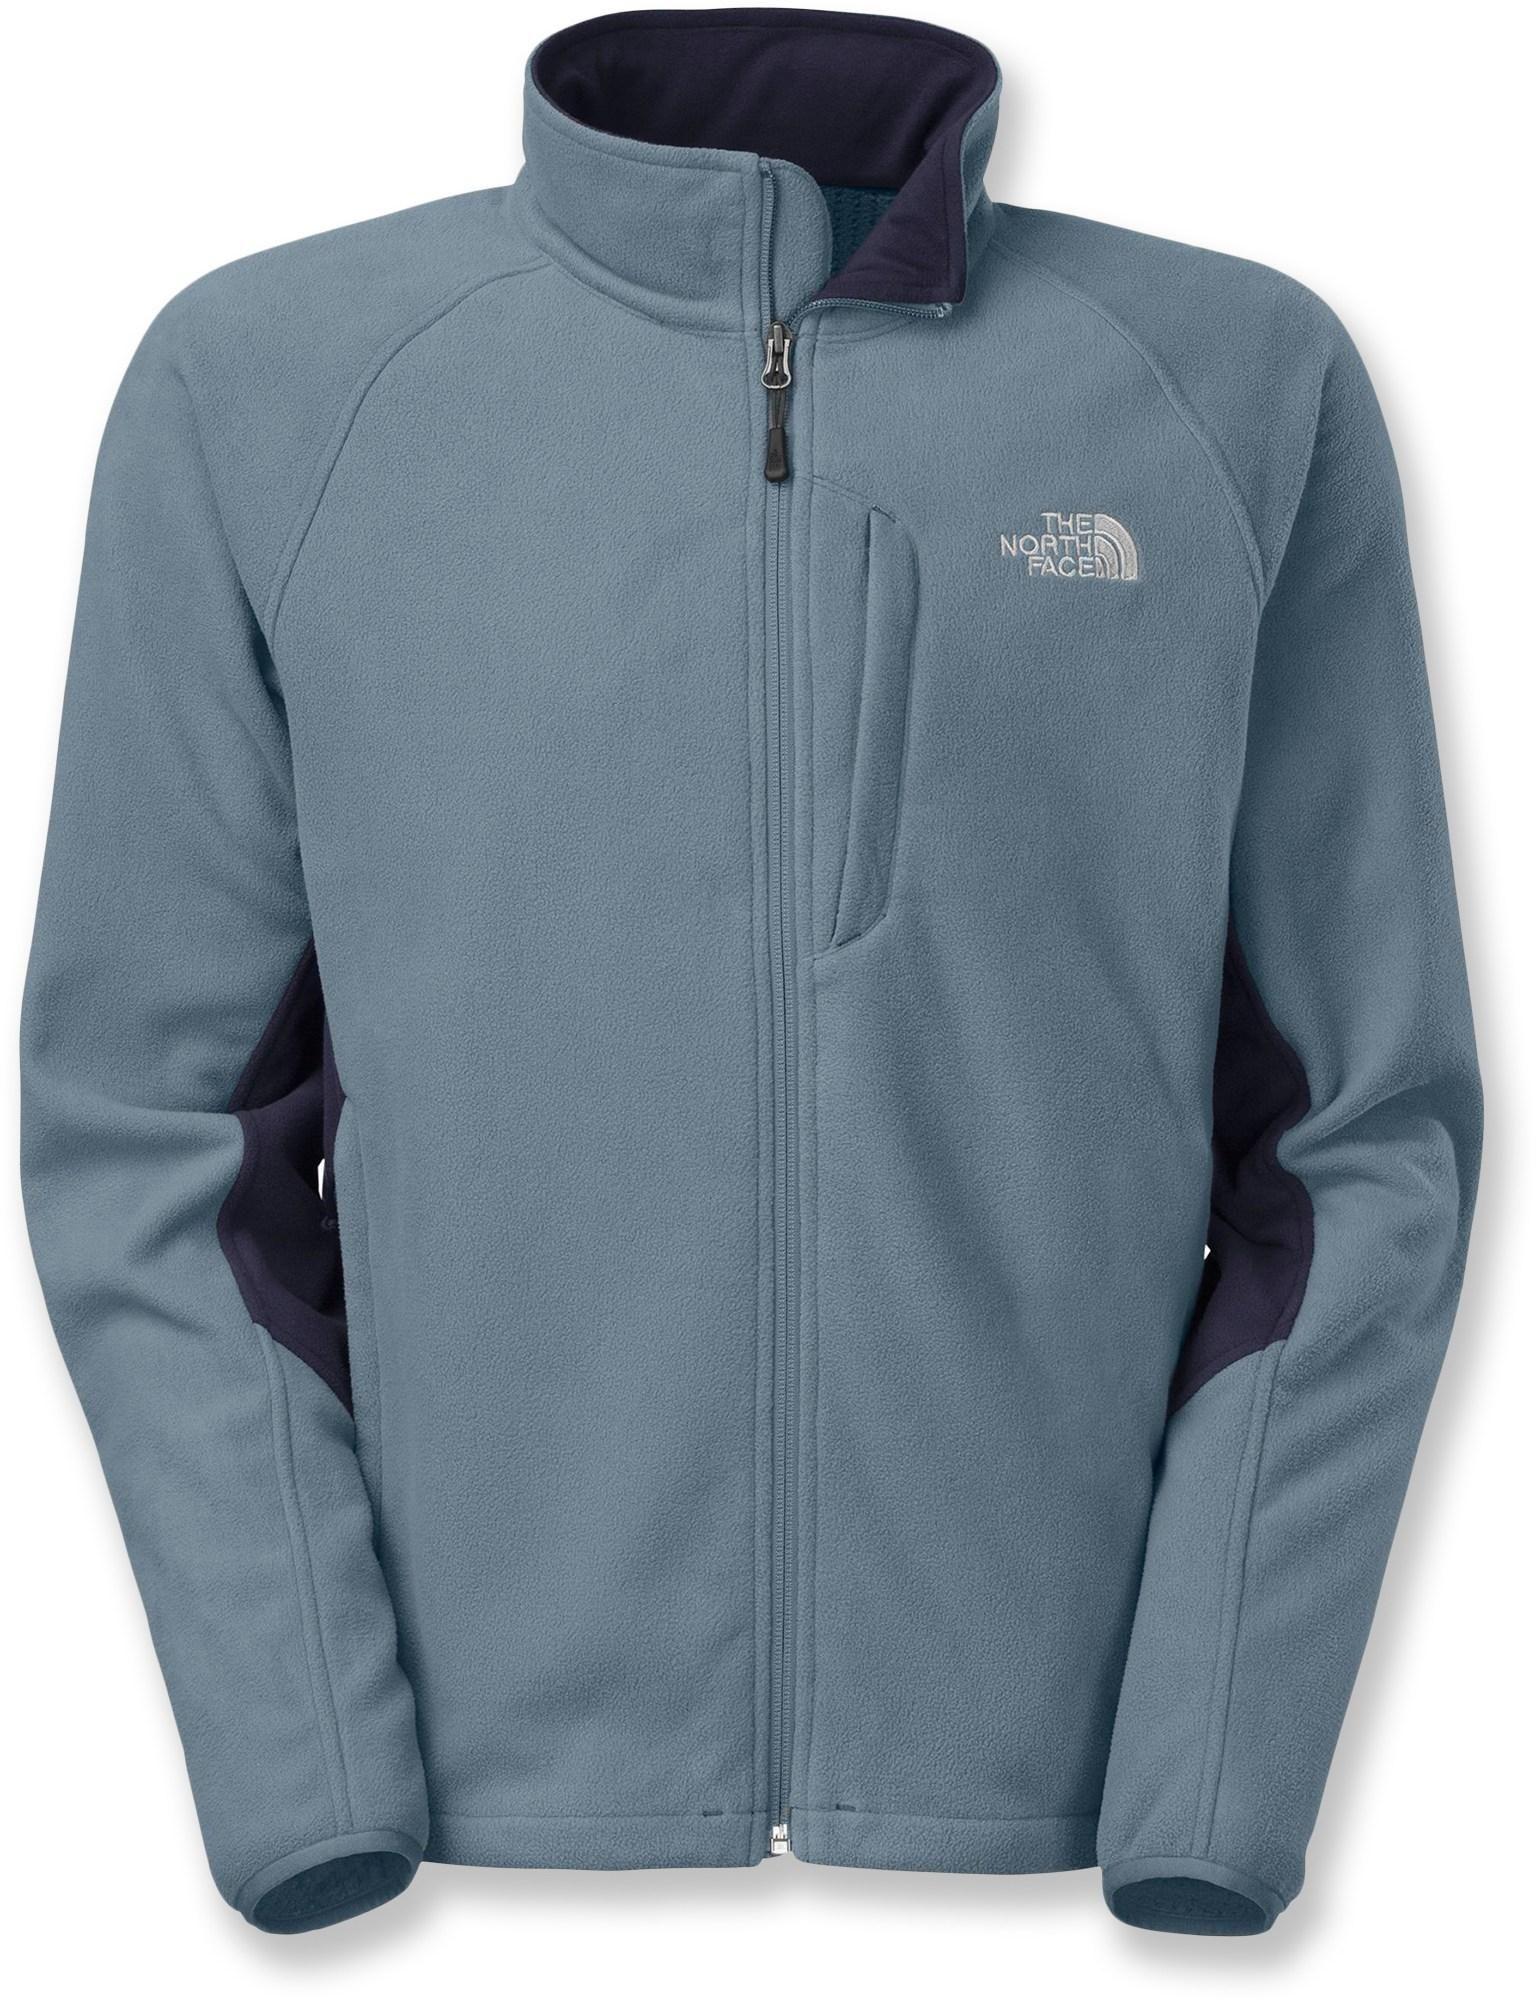 fc4b4052e The North Face WindWall 2 Fleece Jacket - Men's | REI Co-op | My ...